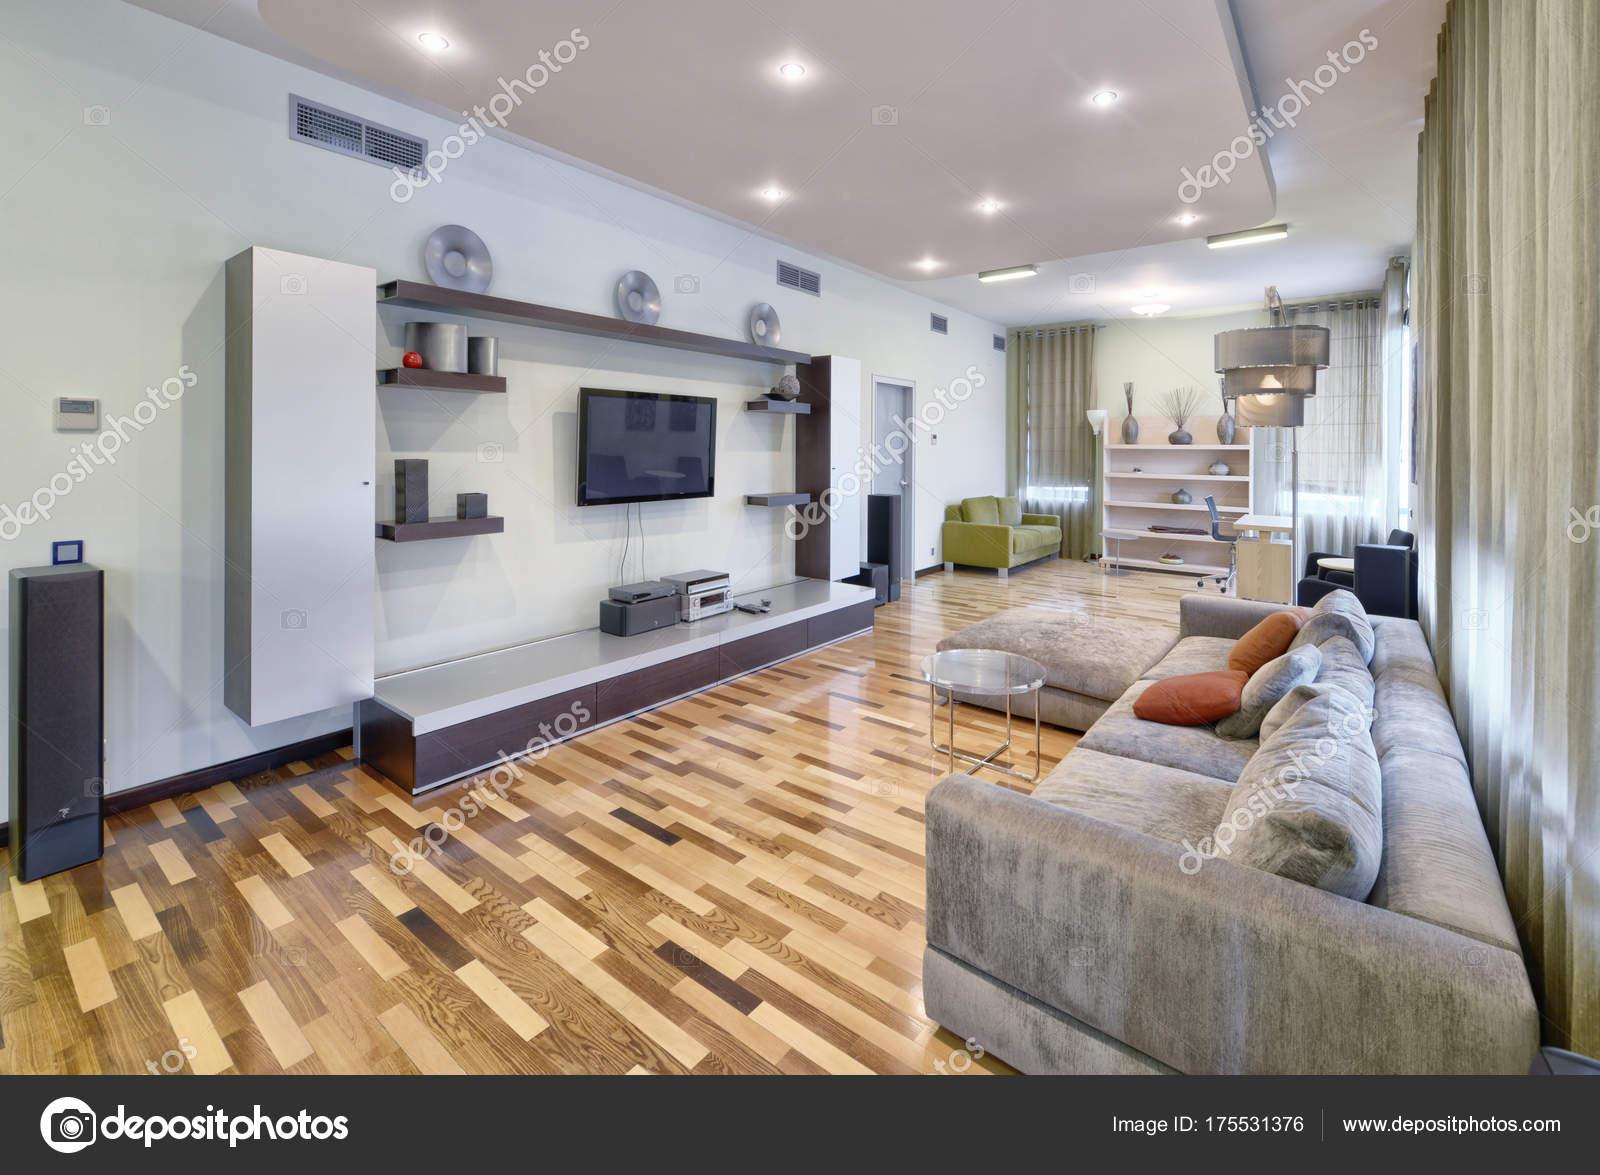 Casa moderna interior for Casa moderna 6 00 m x 9 00 m 2 pisos interior